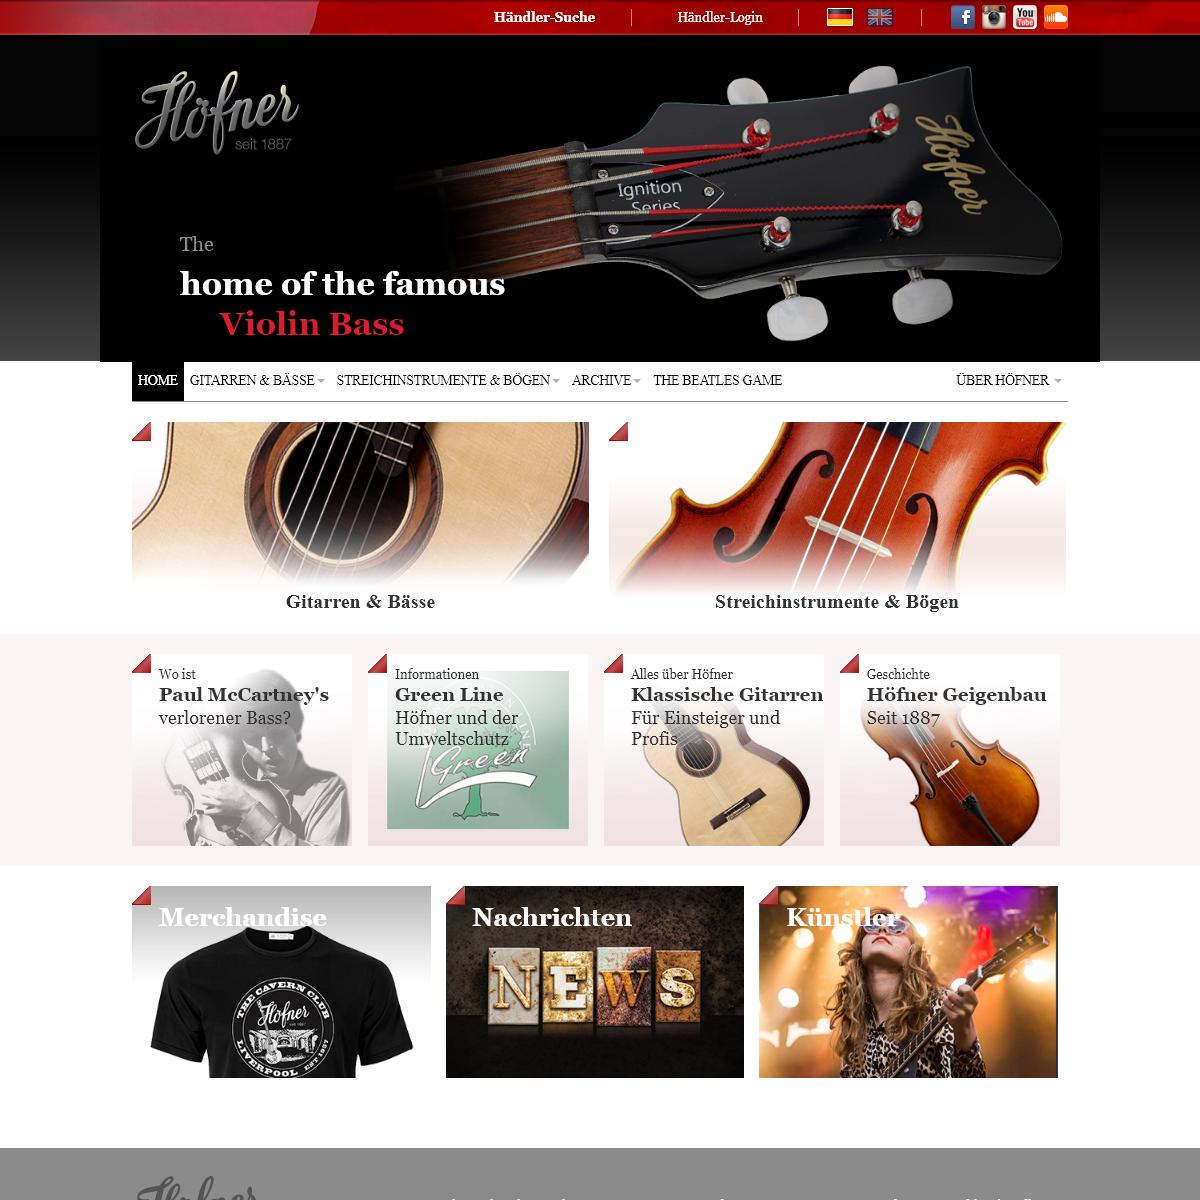 Höfner Gitarren & Bässe, Streichinstrumente & Bögen